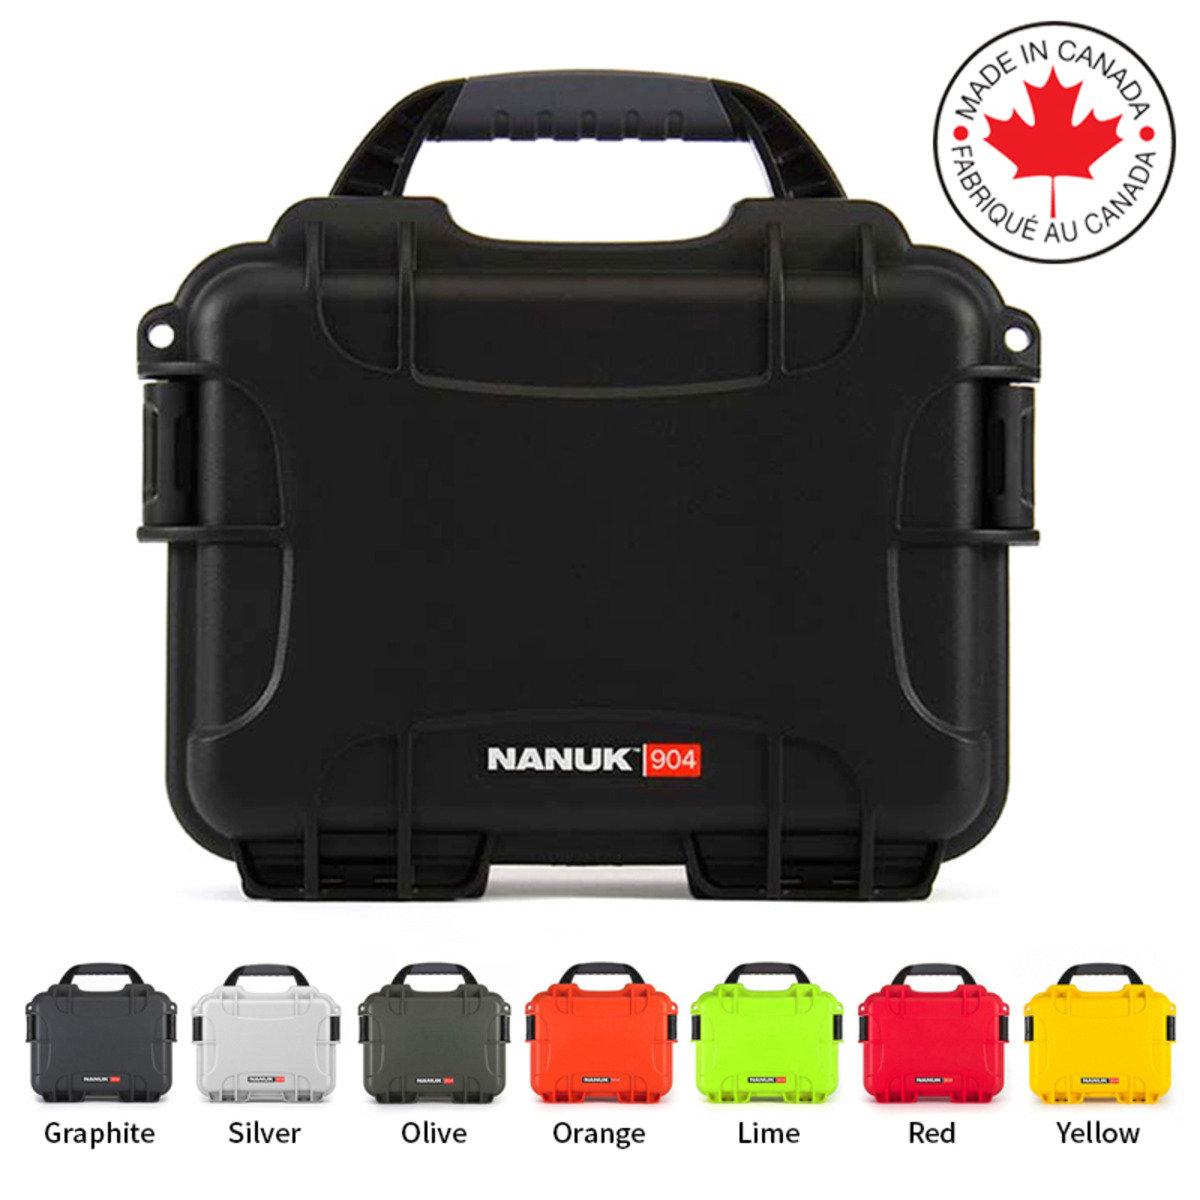 904 高級多用途三防保護箱連海綿-8色選(加拿大製造)